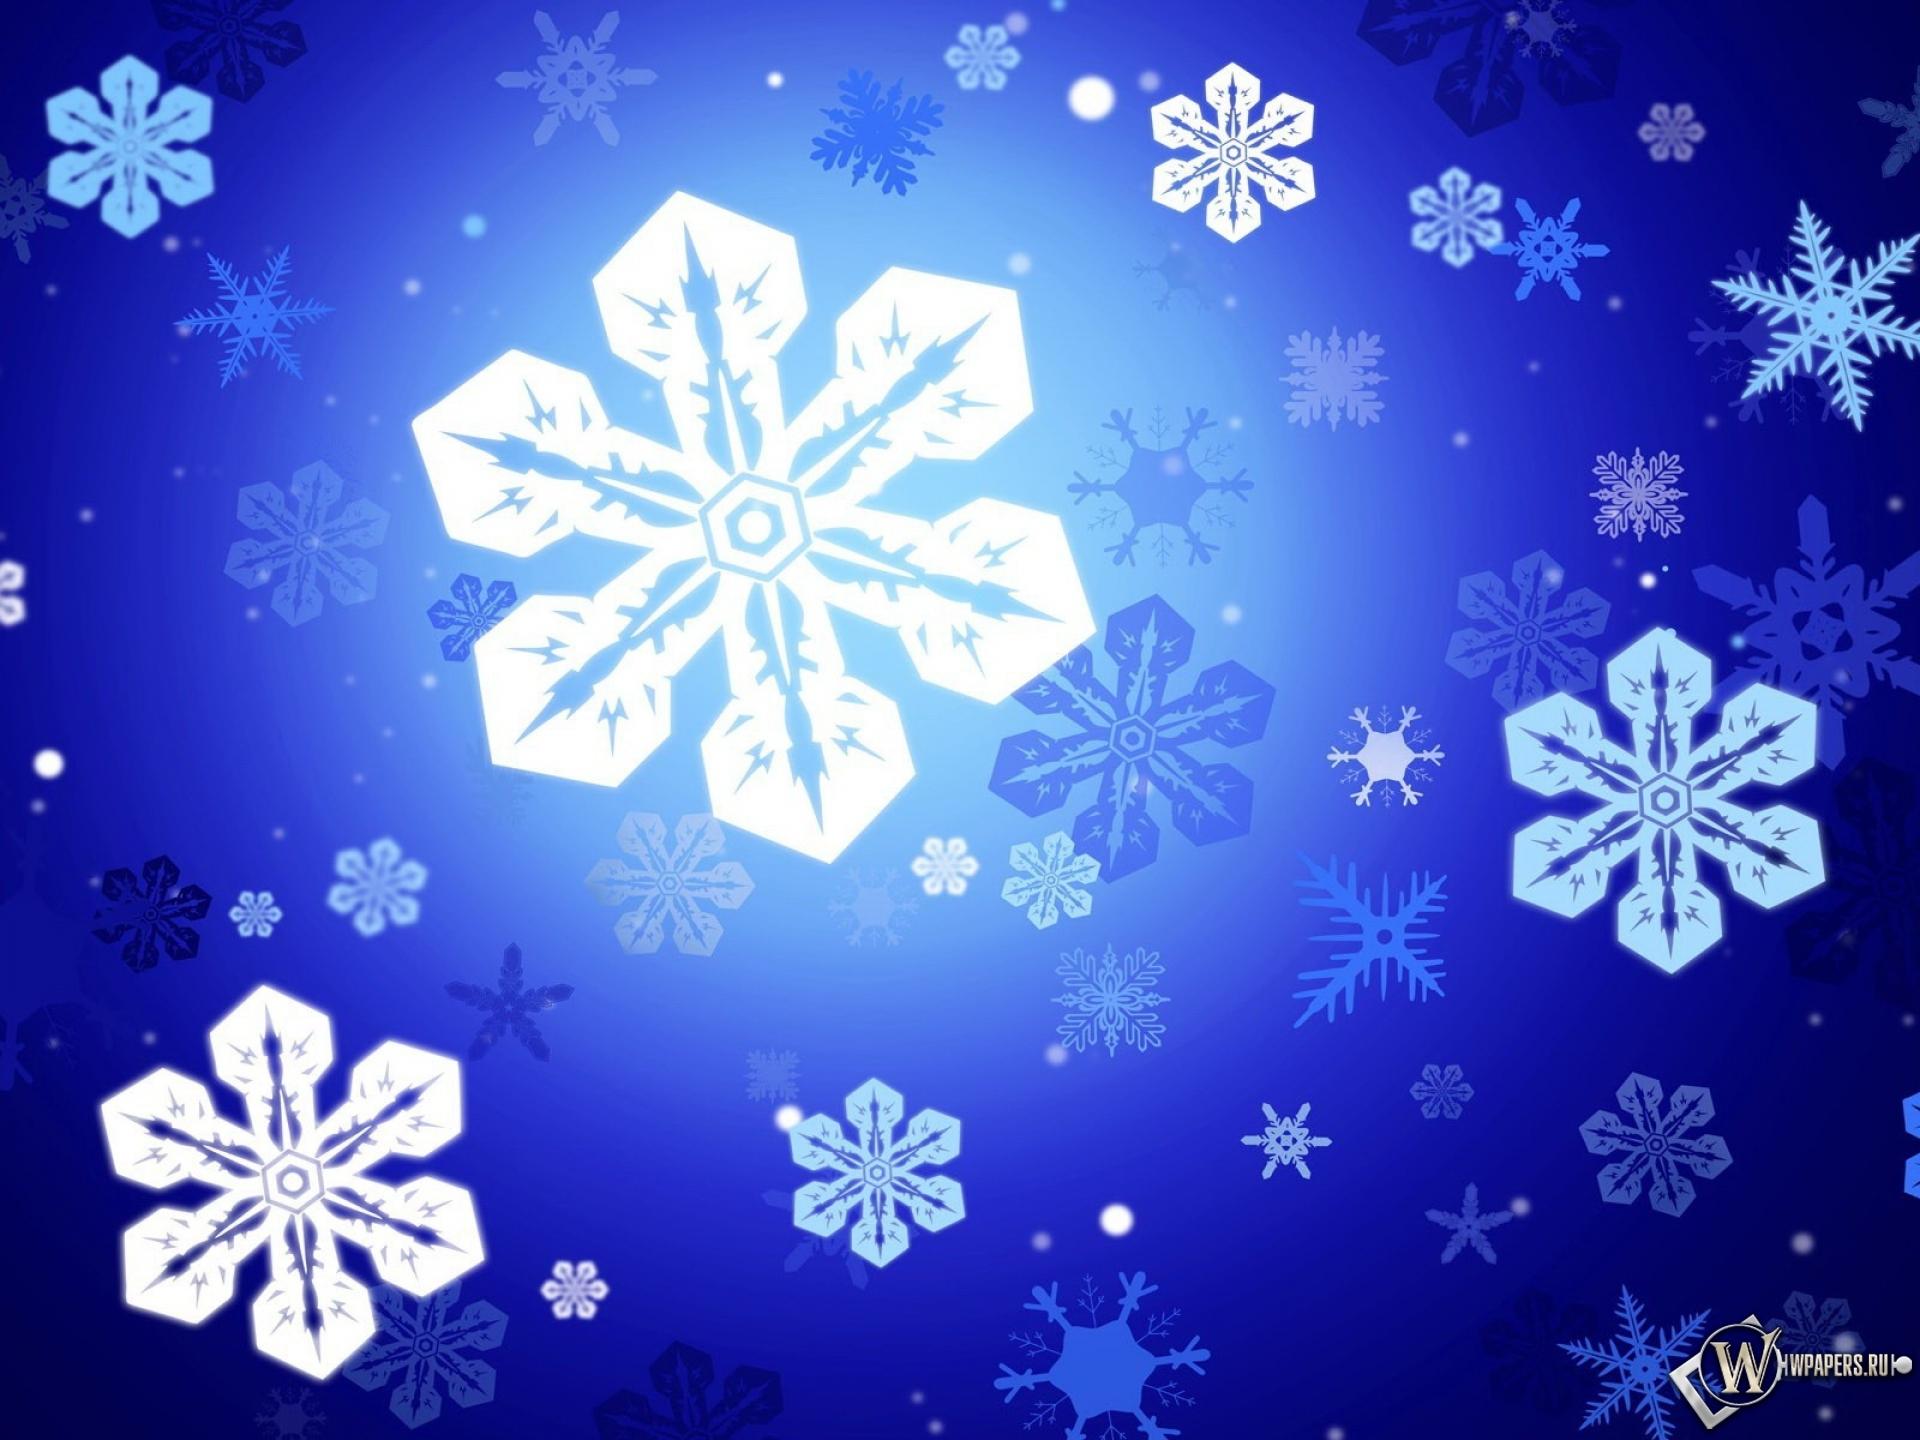 Снежинки 1920x1440